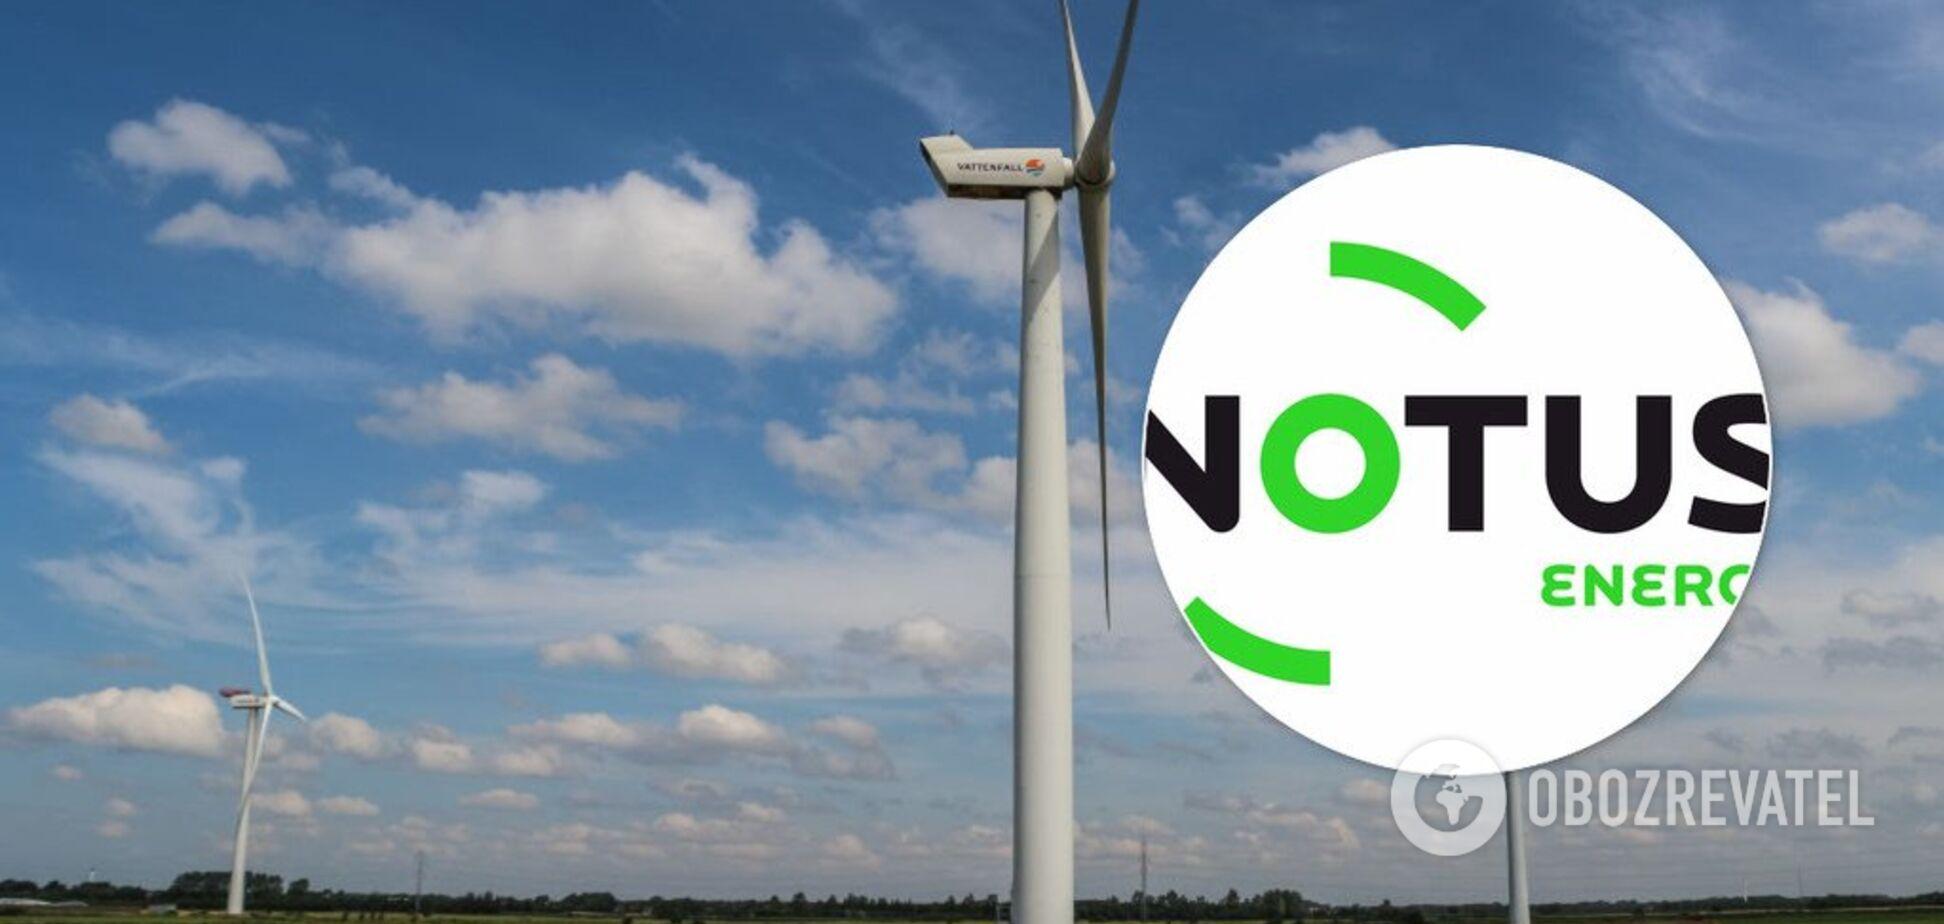 Інвестори з Німеччини почнуть будувати в Україні вітрогенератори